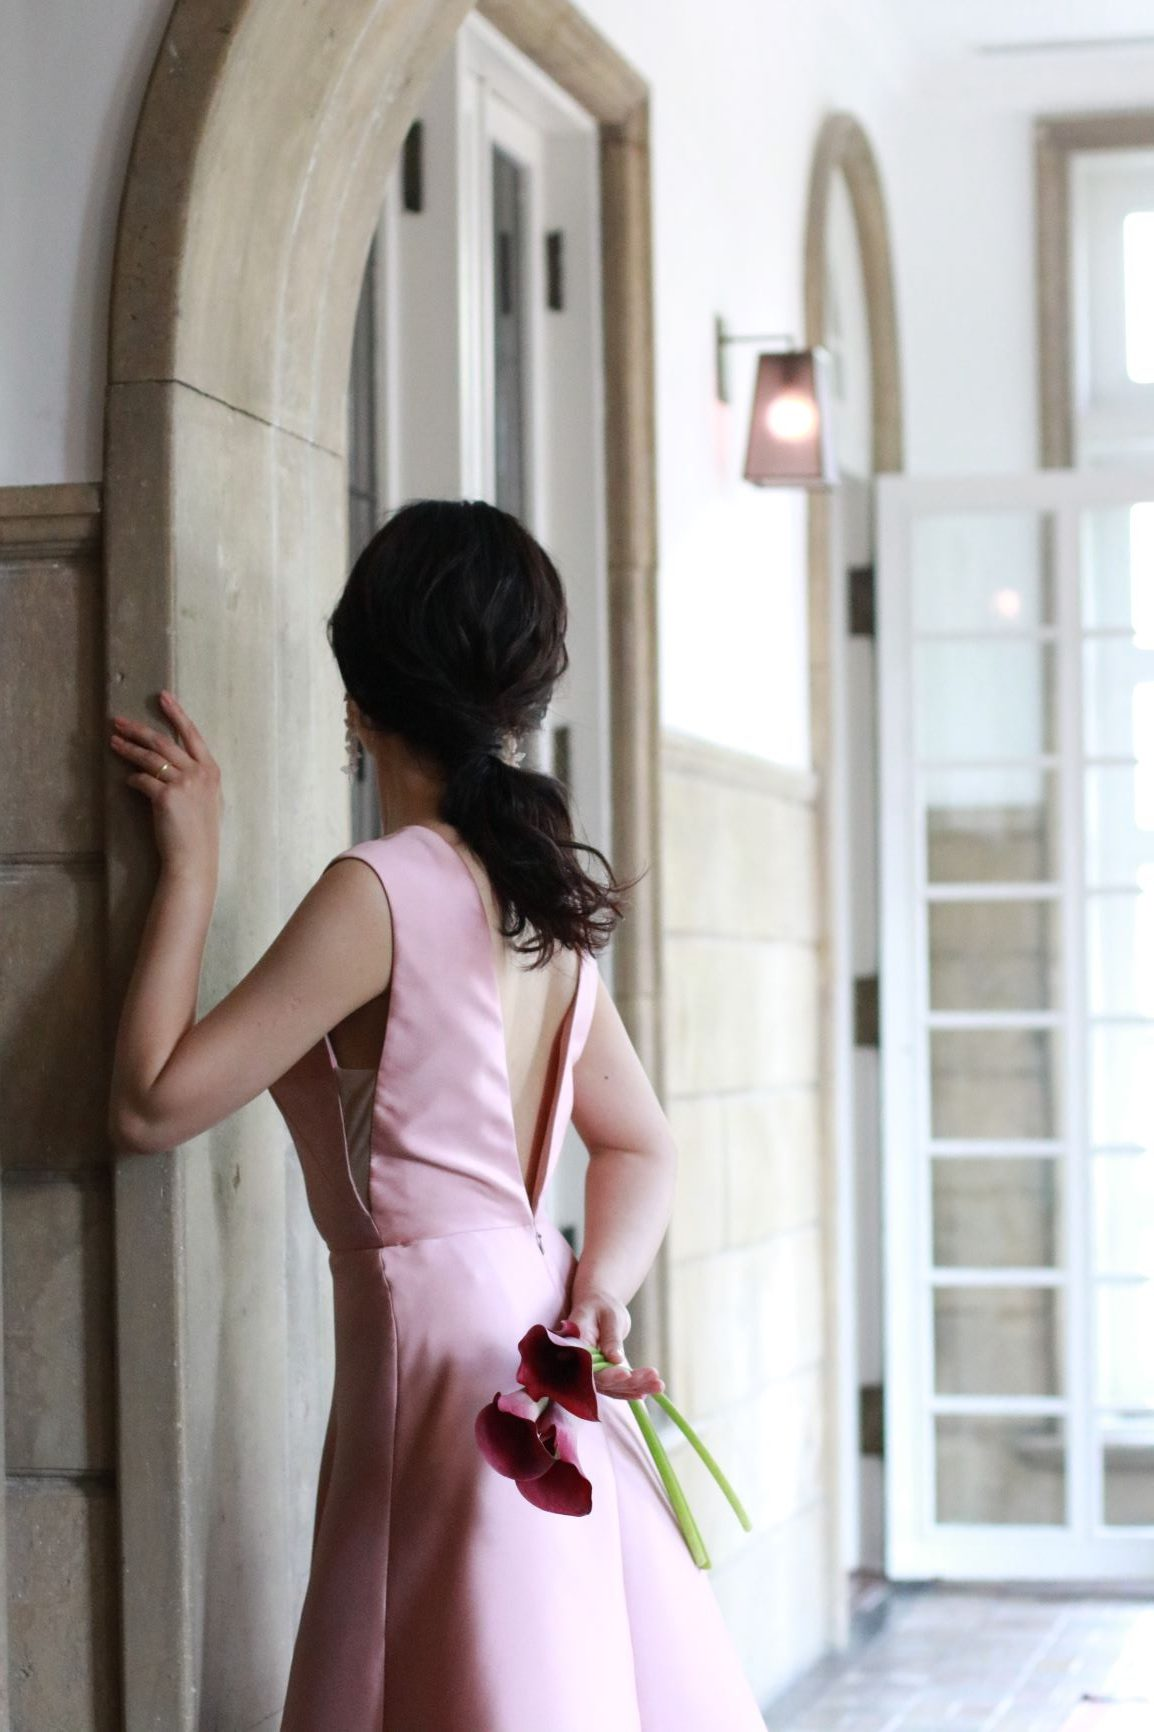 日本の花嫁様に人気の中東系ドレスブランド、リーム・アクラのモーブピンクのカラードレスは、女性のお身体を綺麗に見せるために、背中と脇元に大胆に施されたVカットが大人の魅力を引き立てる唯一無二のデザインです